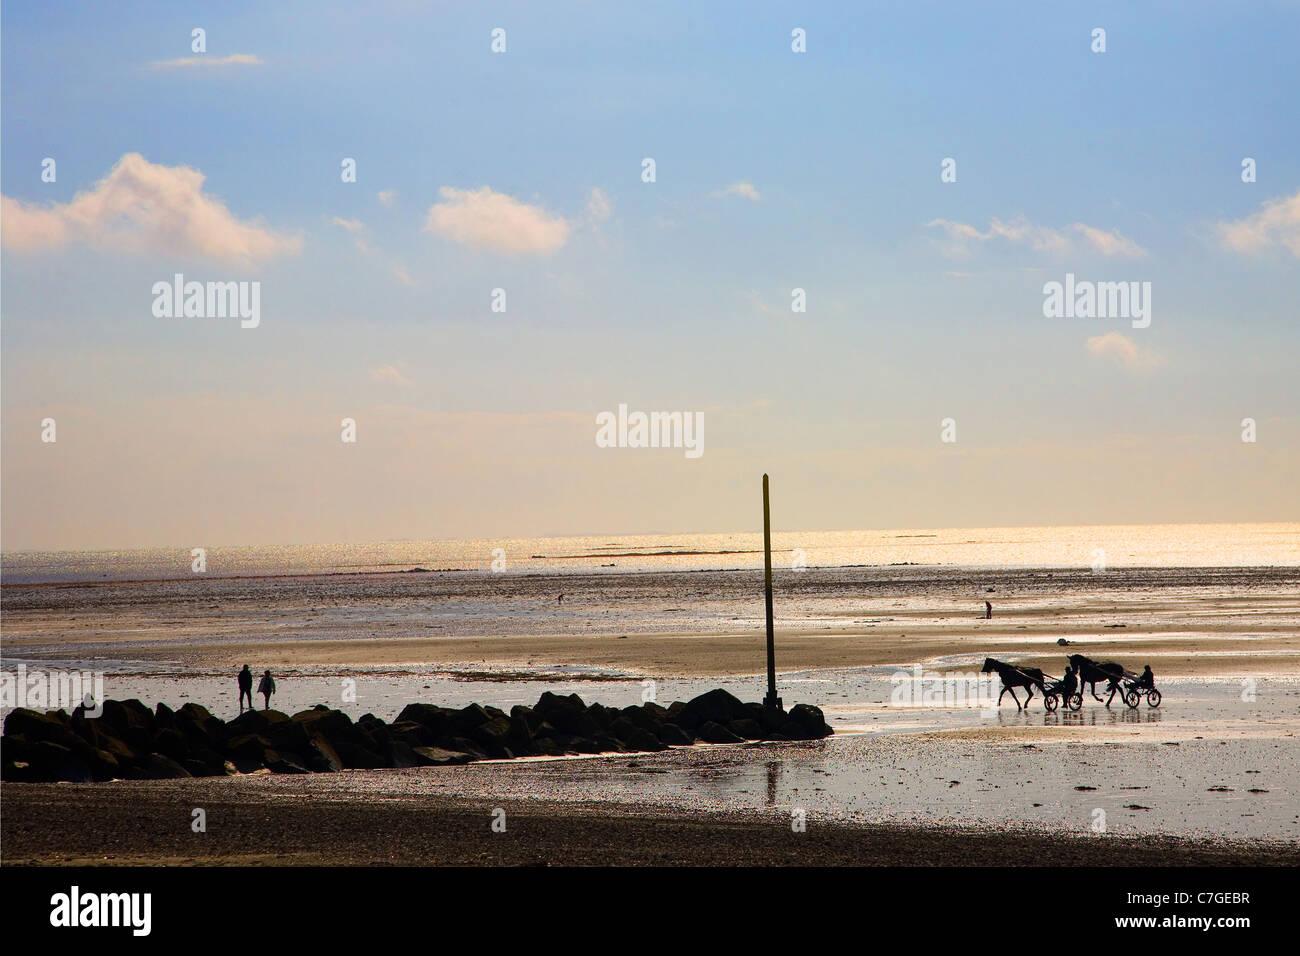 La playa en el Agon Coutainville, Normandía - tarde con marea baja. Foto de stock